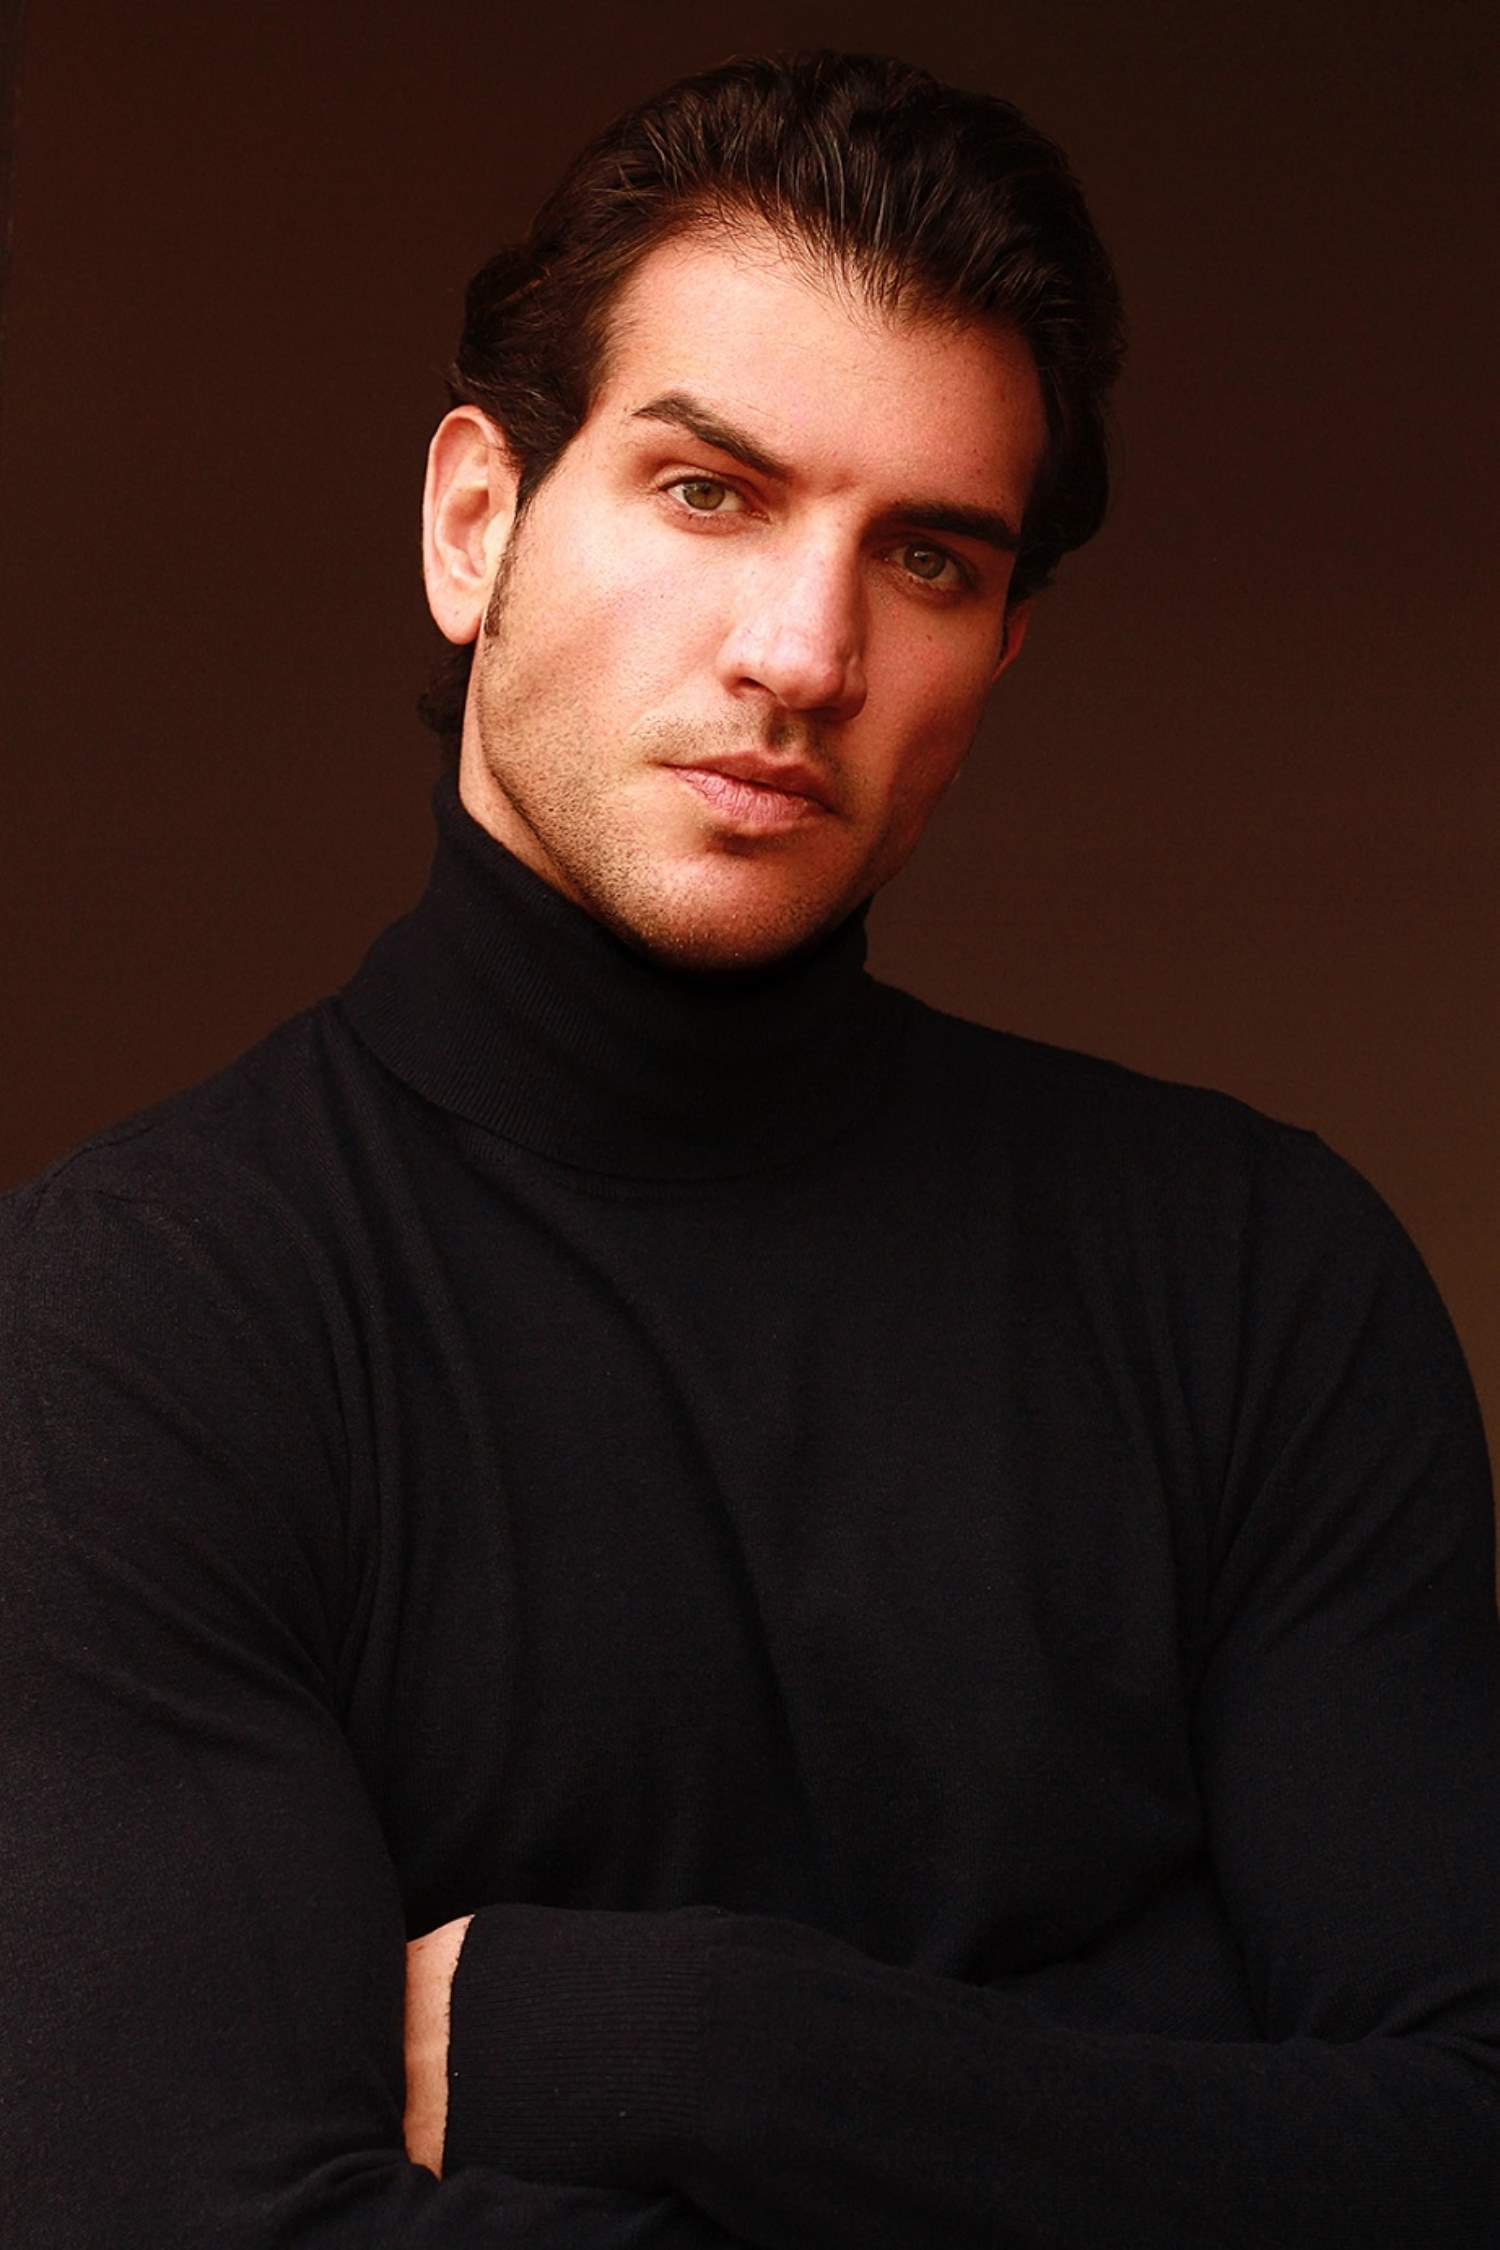 Jose Rey